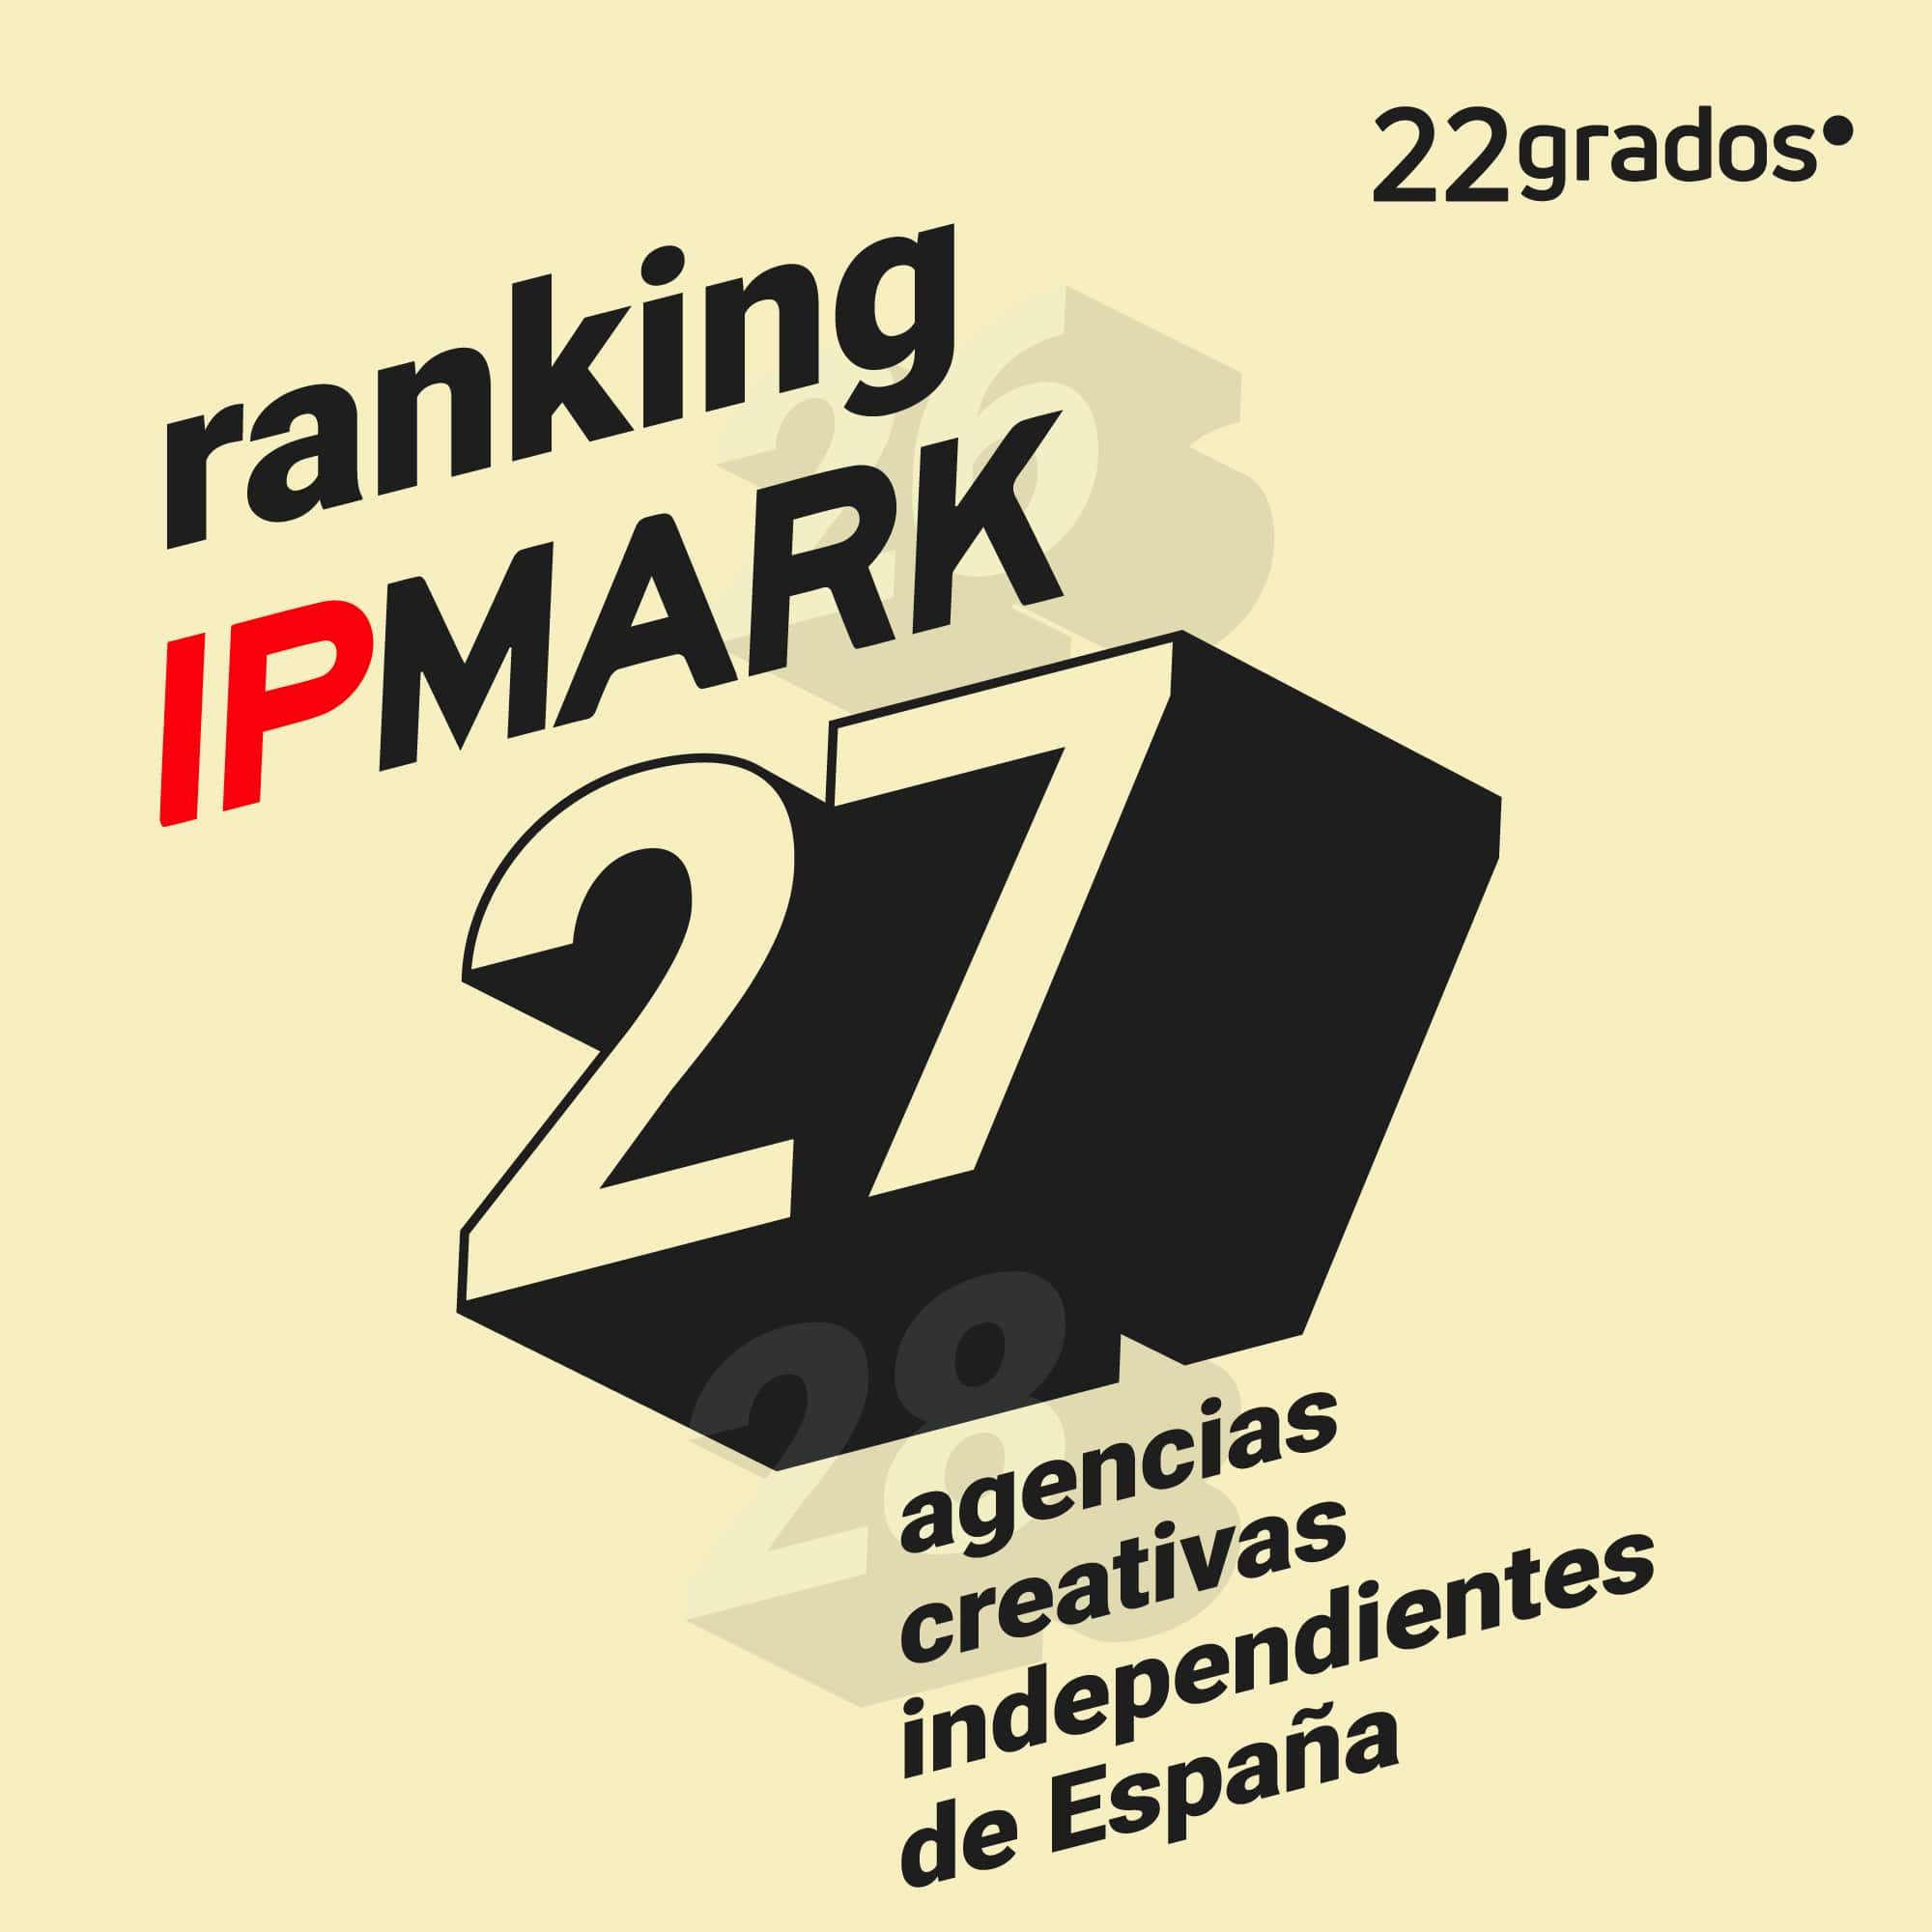 22grados entra en el ranking de agencias creativas independientes en España